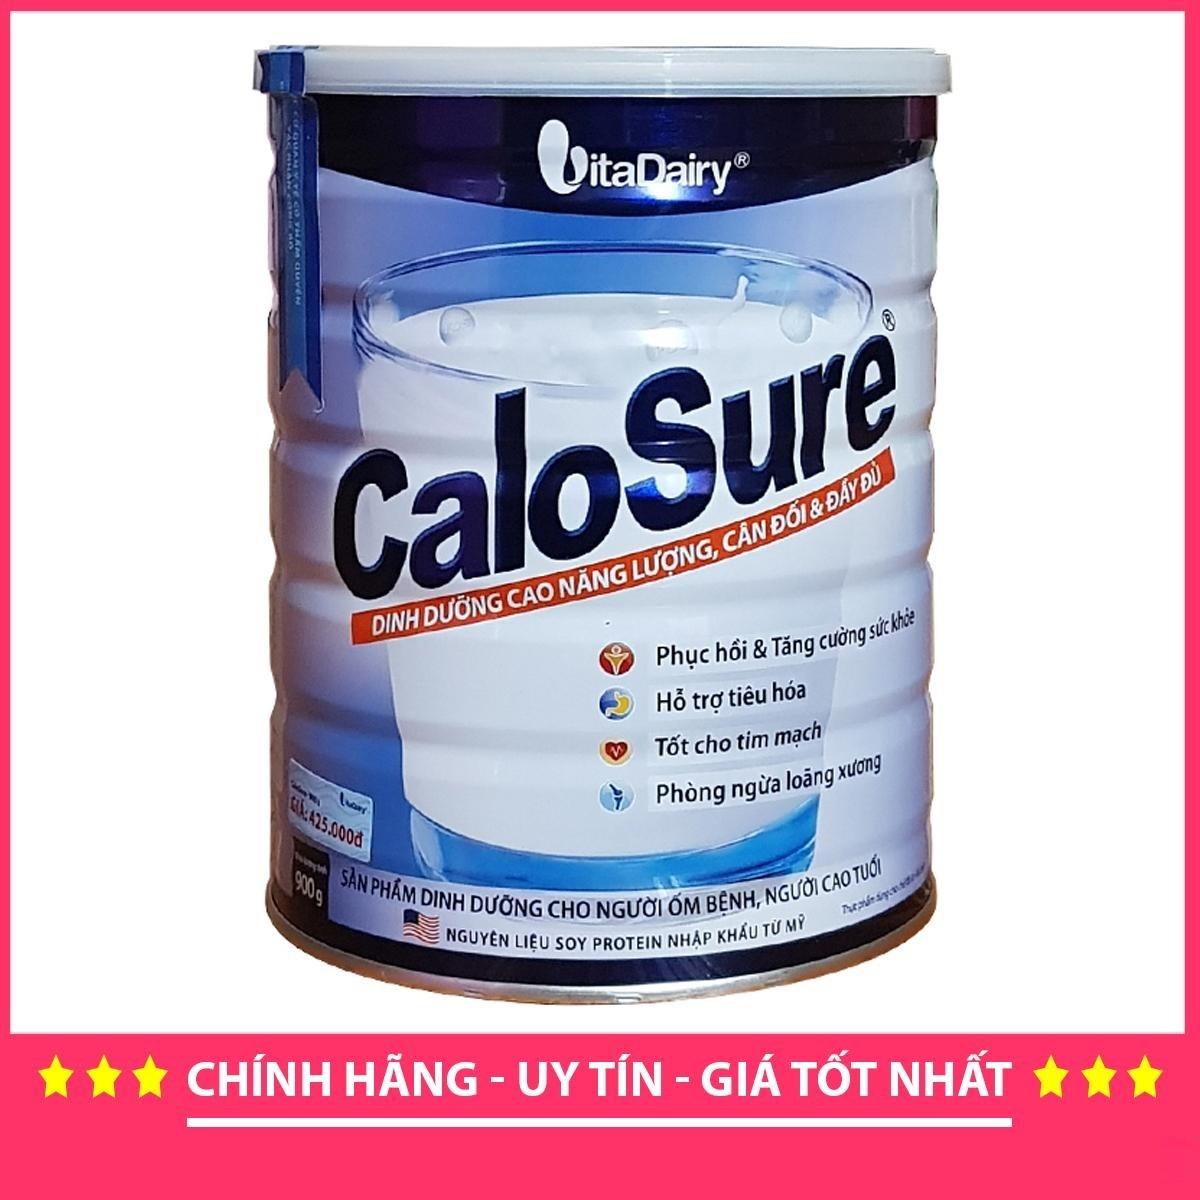 Sữa bột calosure 900g mẫu mới